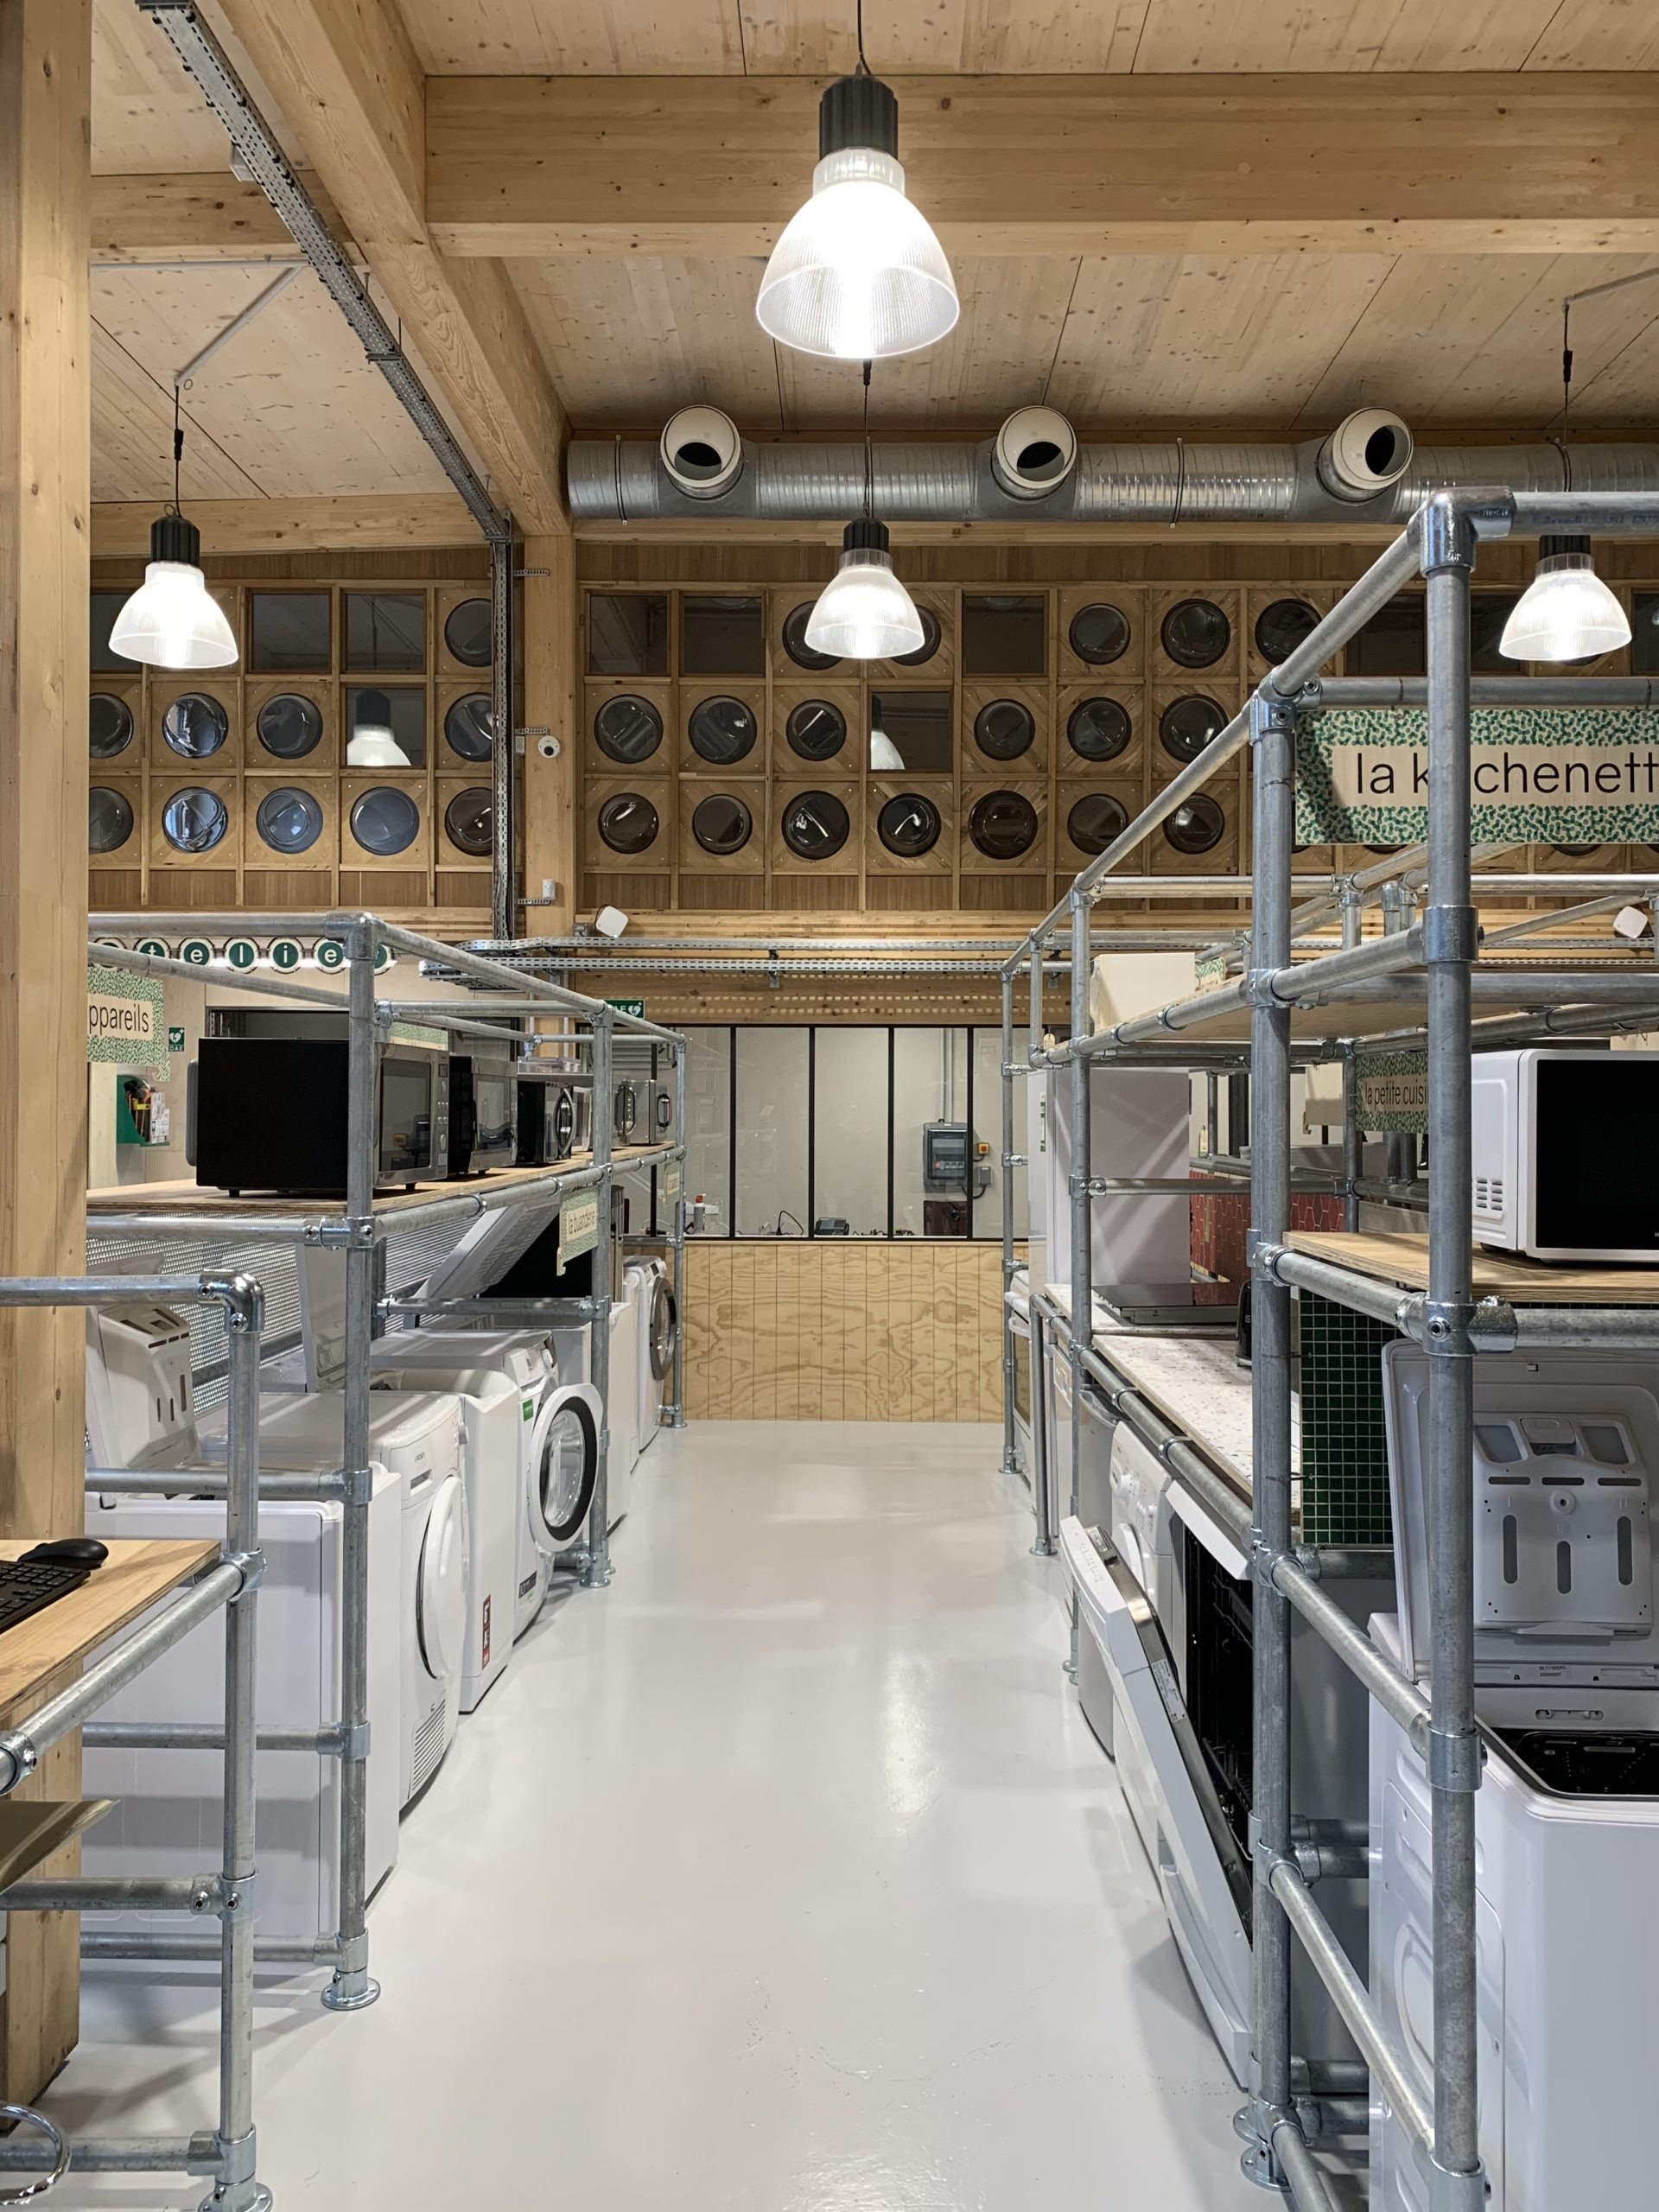 Envie Le Labo : un magasin d'électroménager reconditionné (et bien plus !)